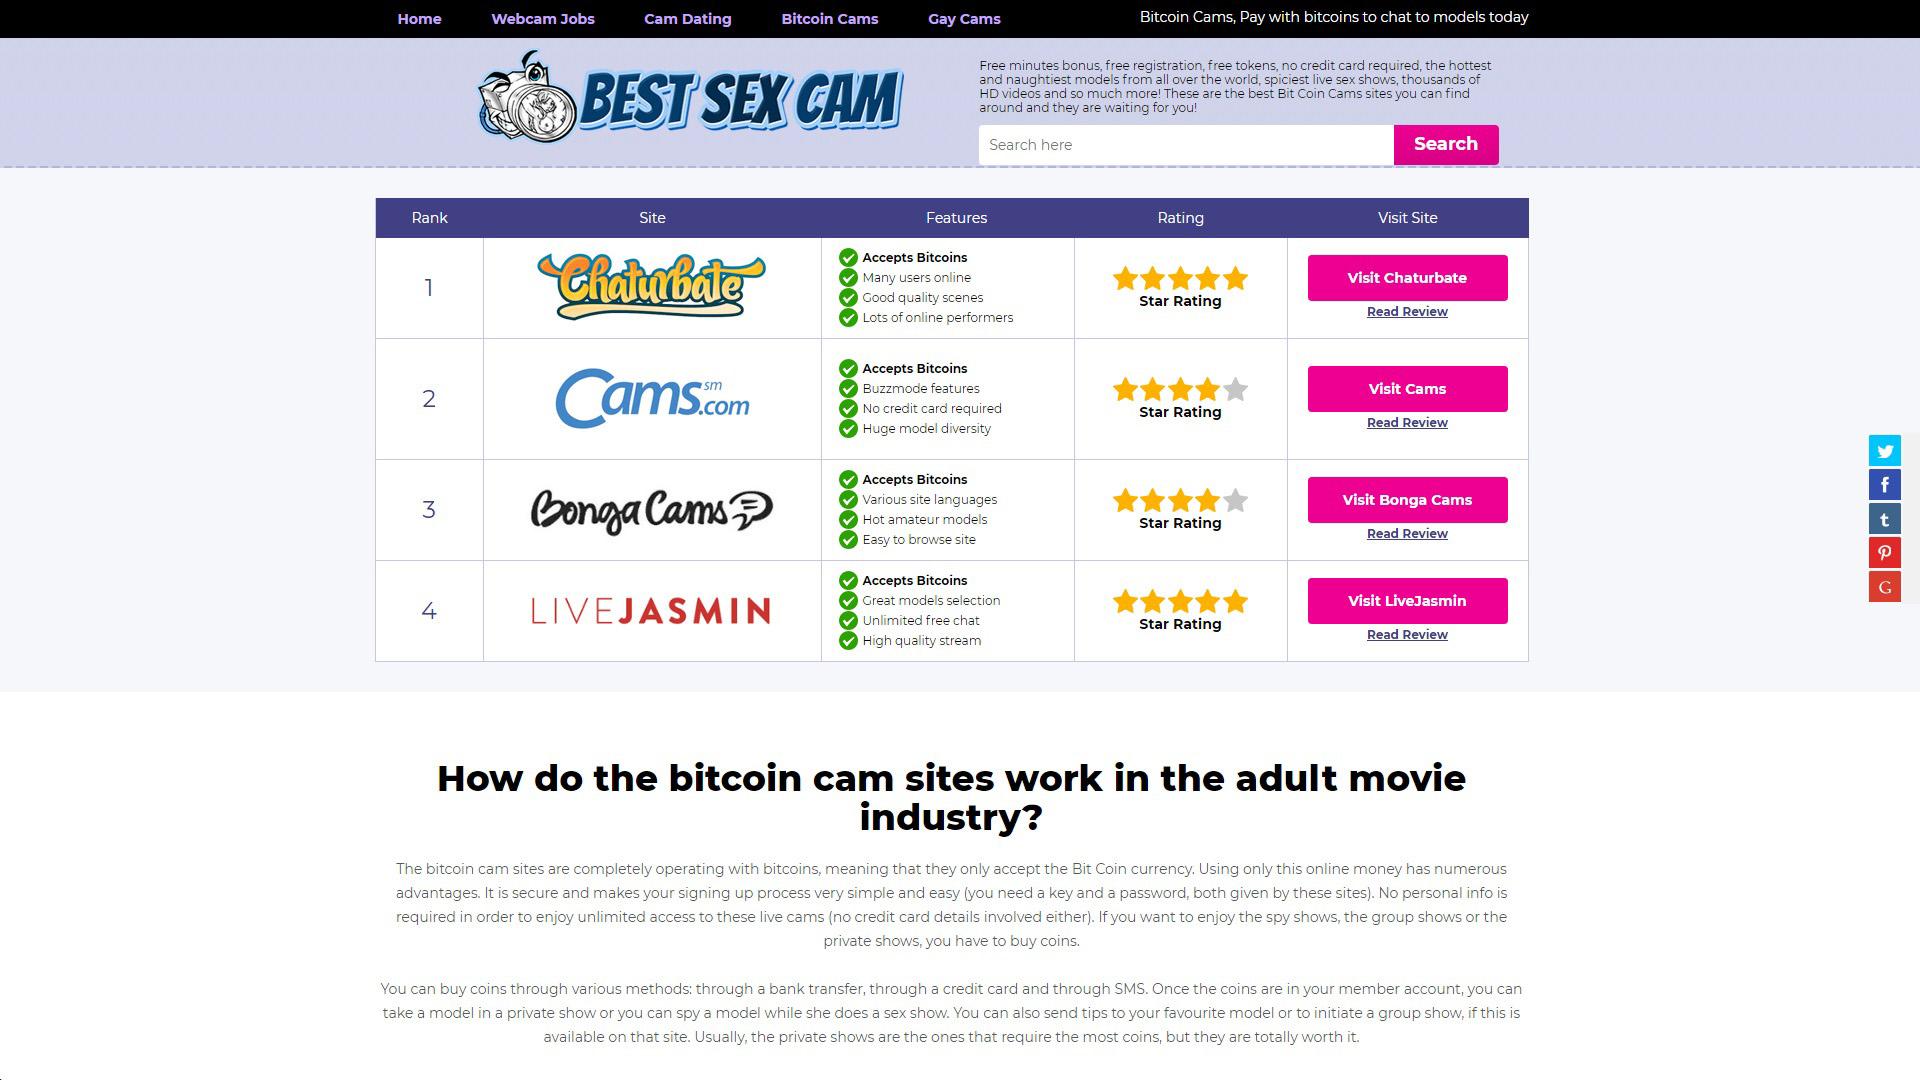 Best Sex Cam BitCoin Cams